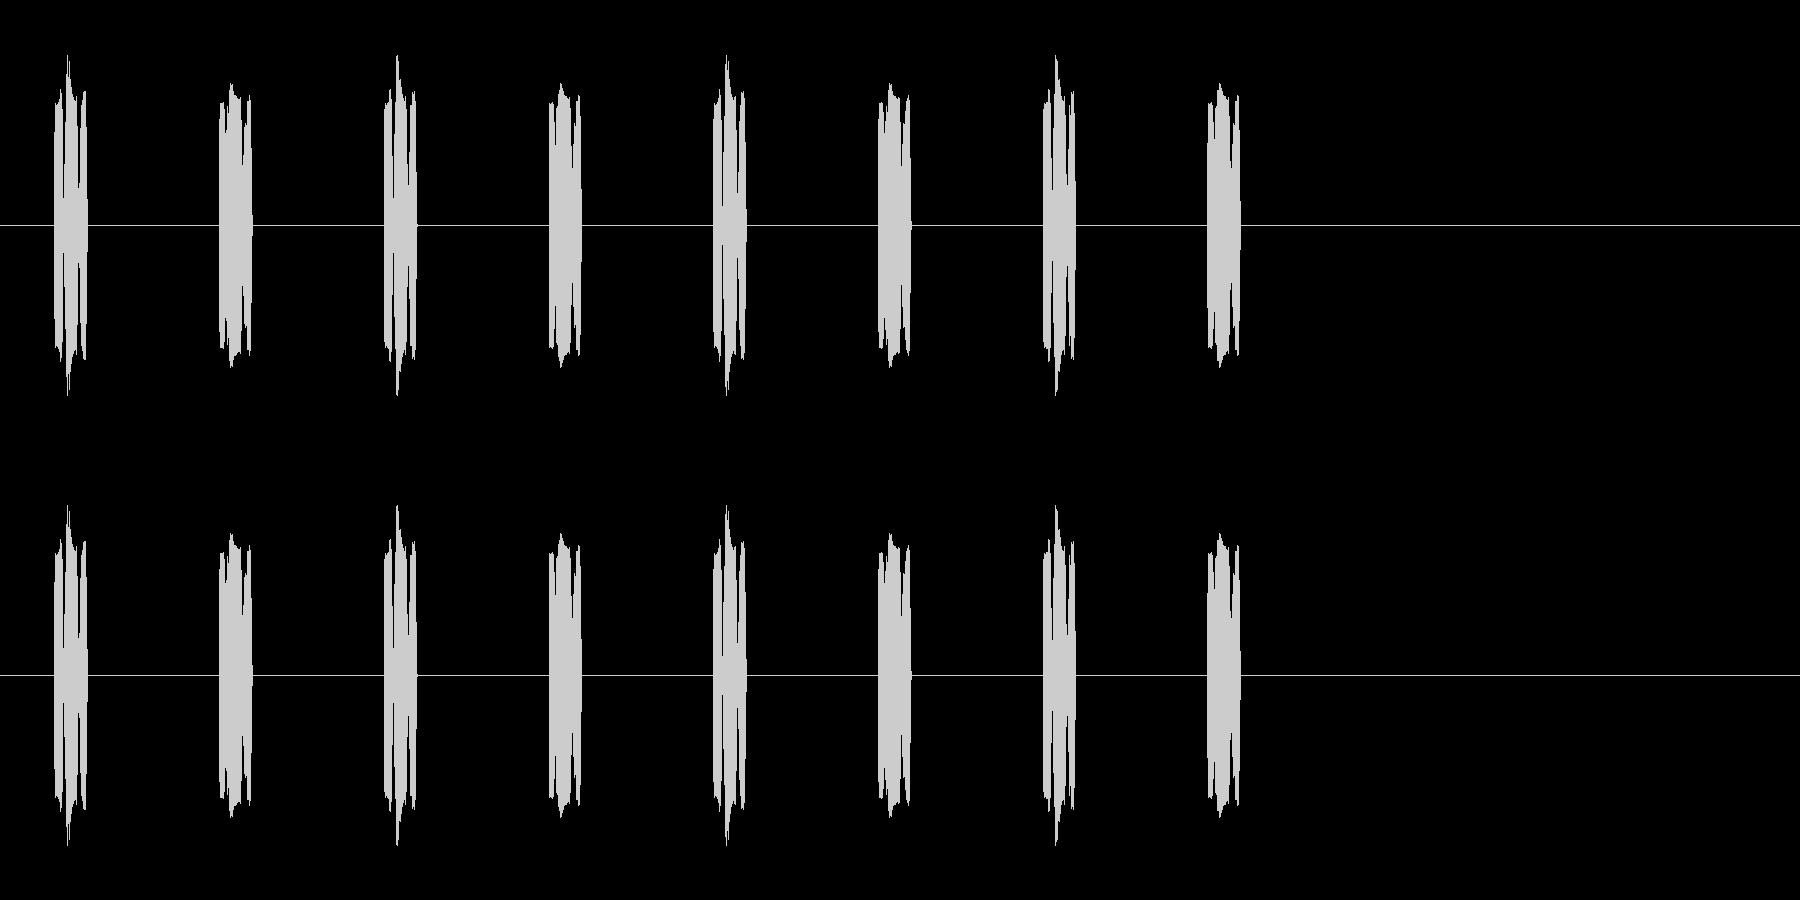 コミカルな足音 C-8-3の未再生の波形